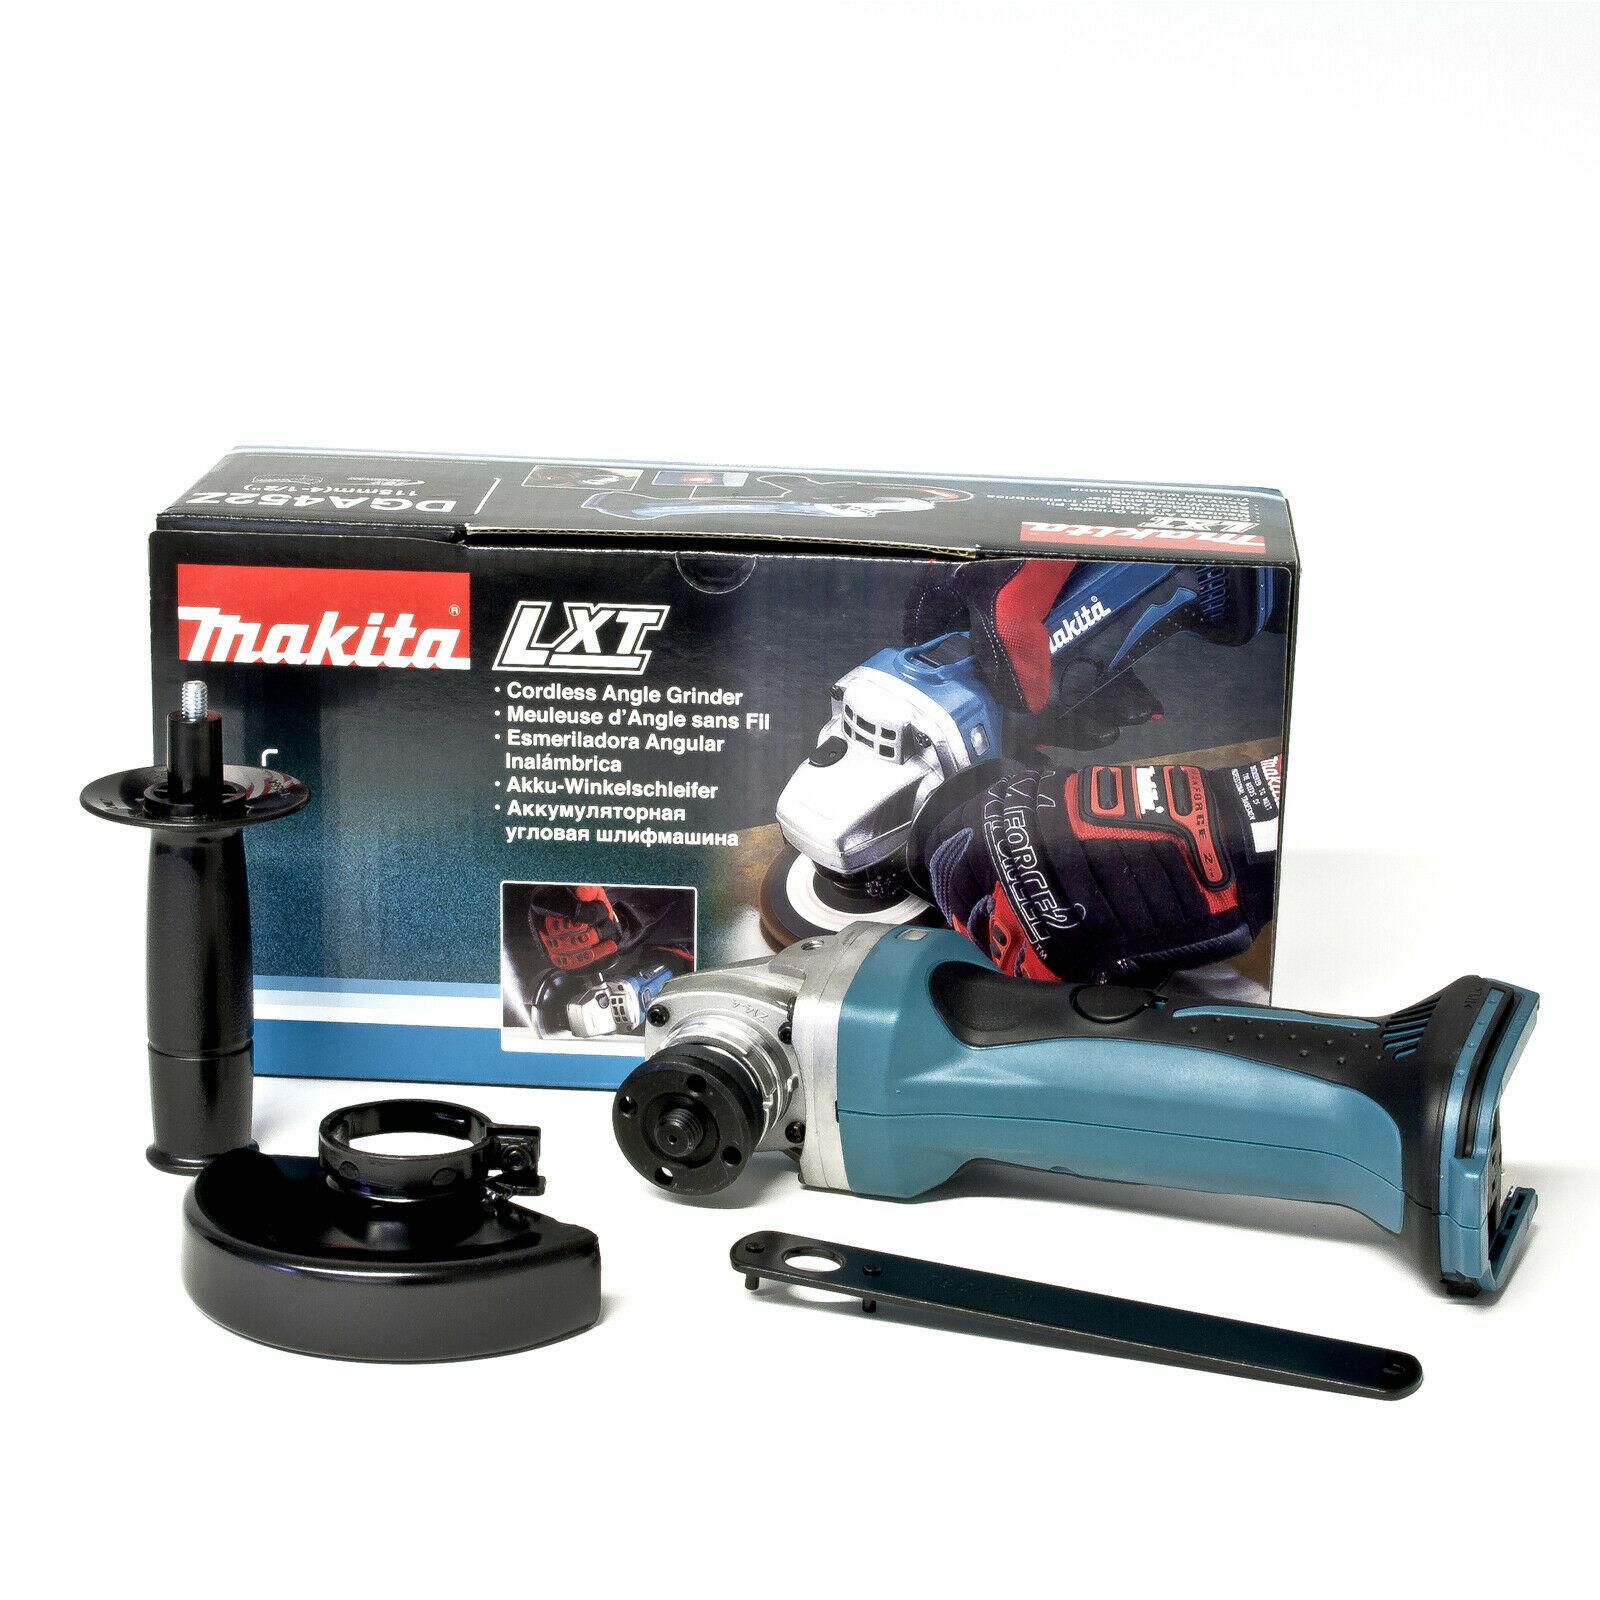 Bild zu Makita DGA452Z Akku Winkelschleifer Sologerät für 74,99€ (Vergleich: 82,86€)